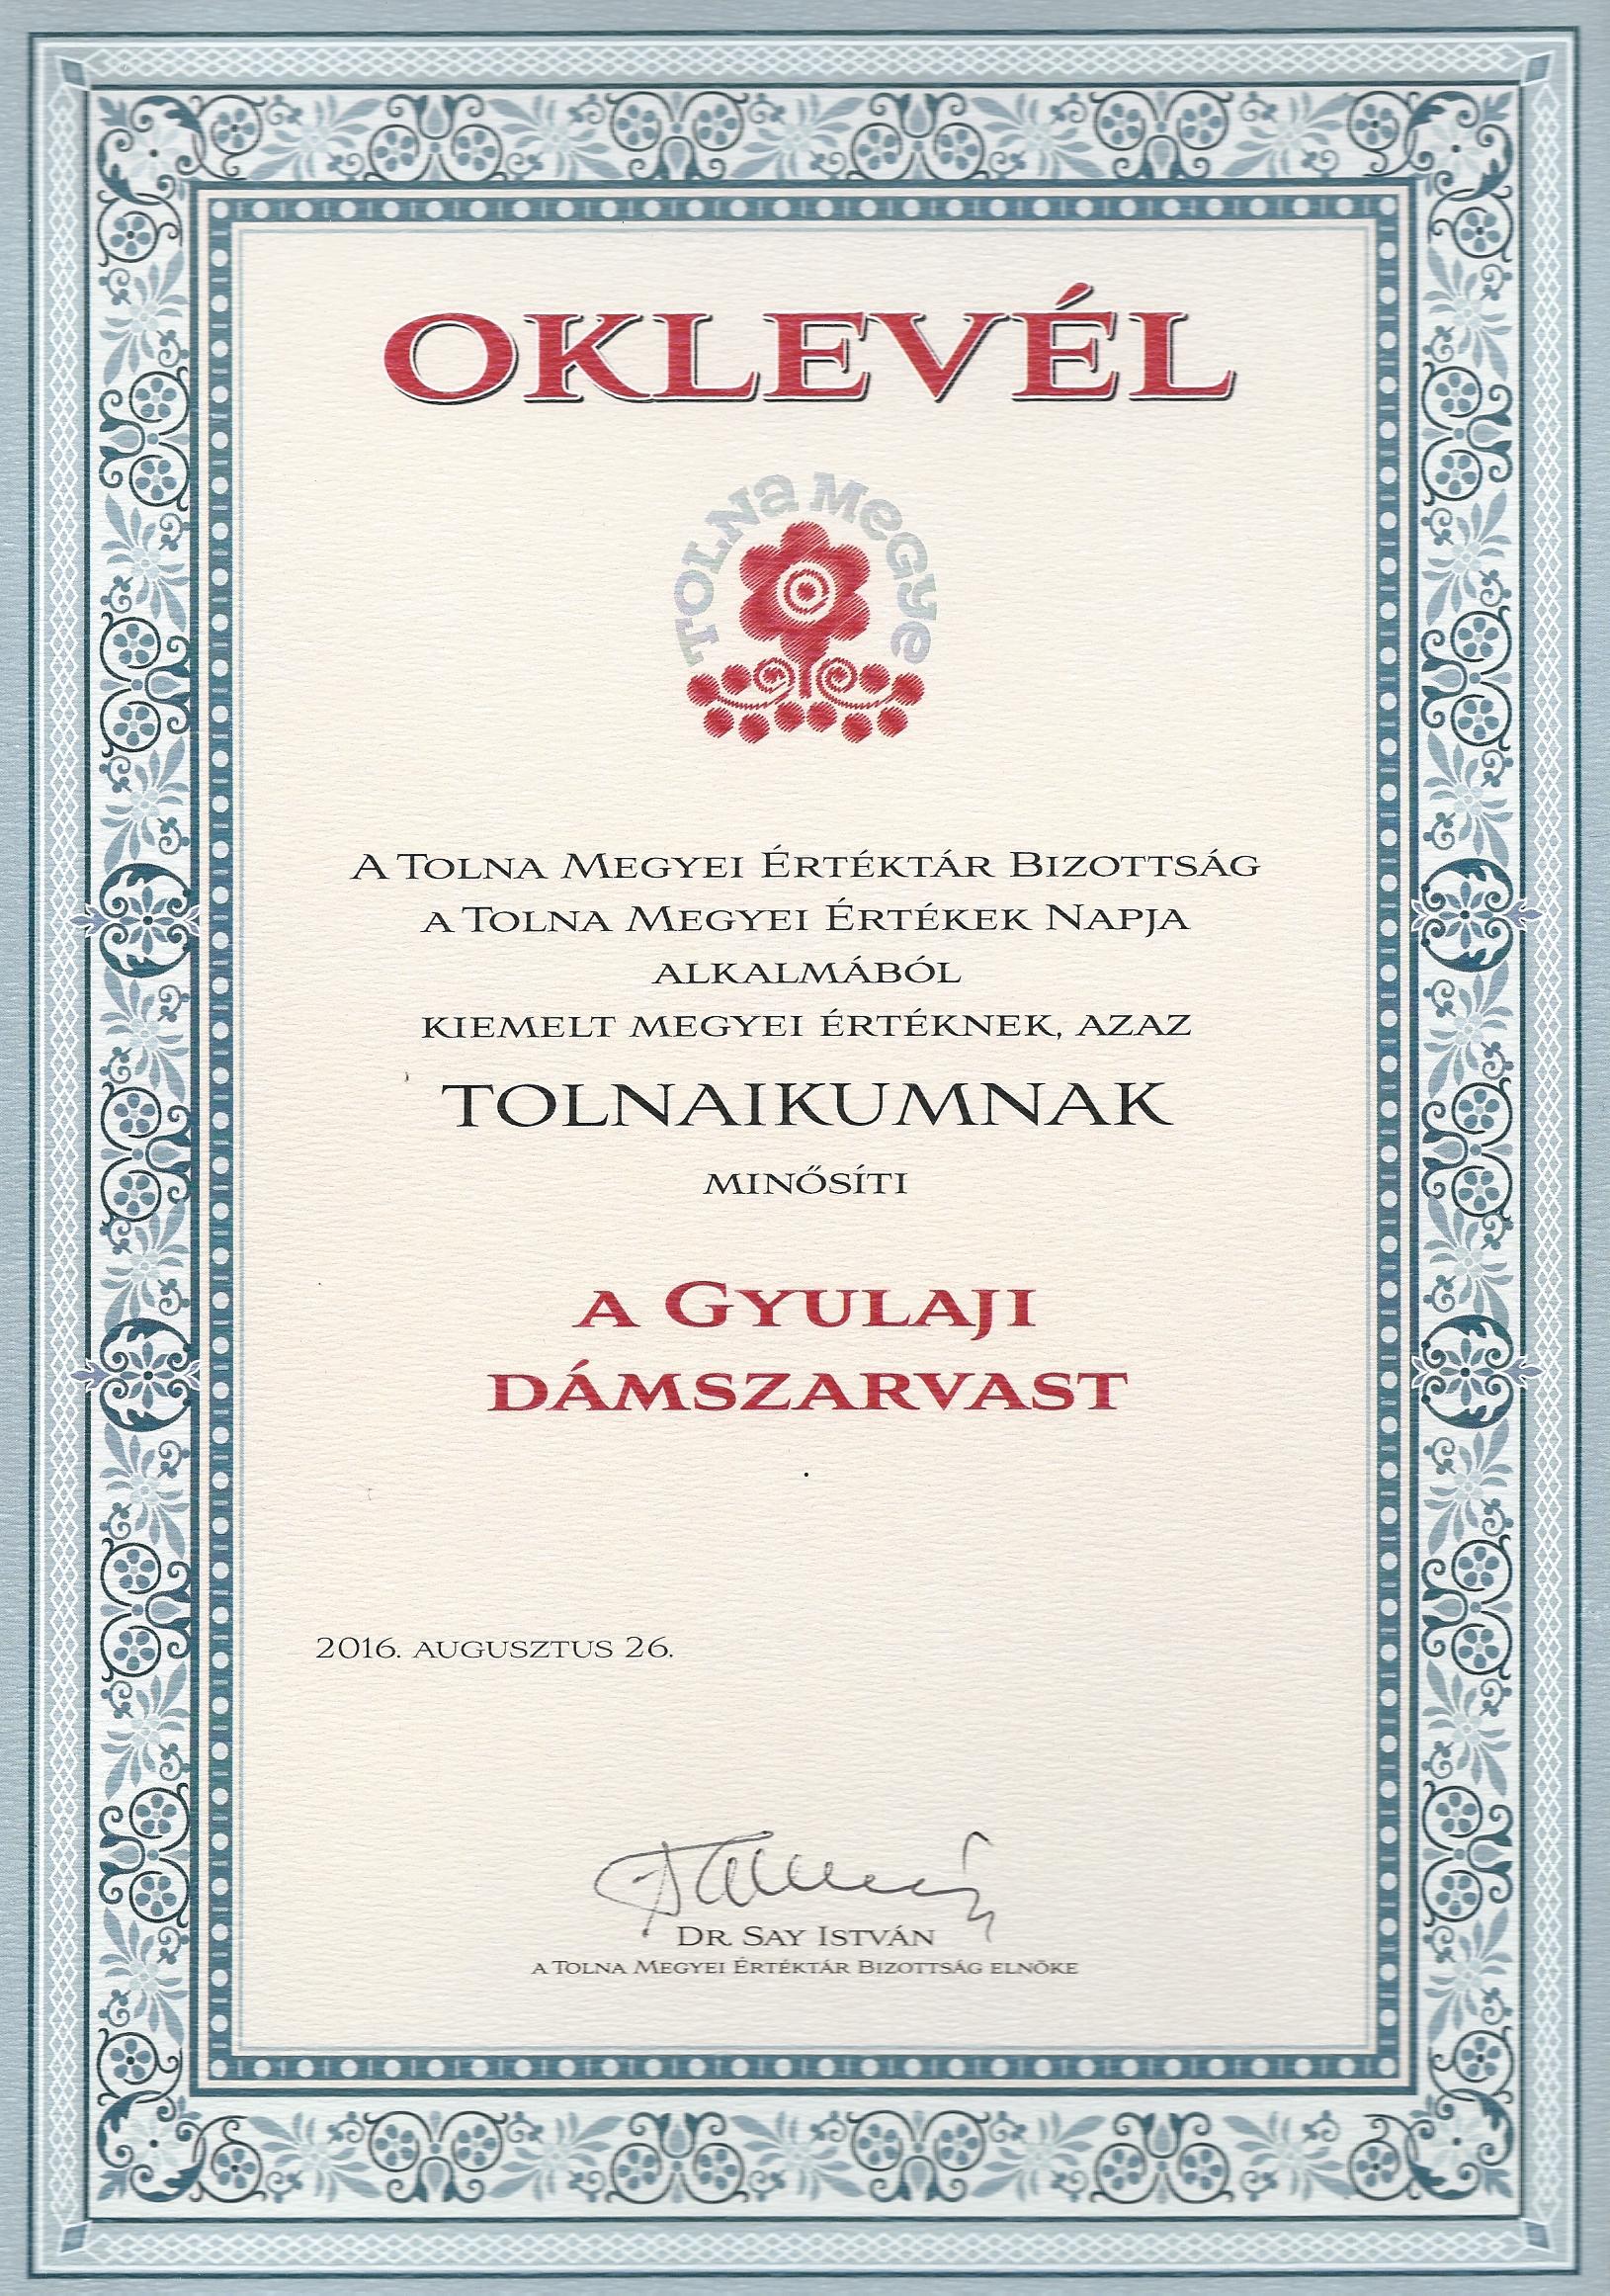 Oklevél_A_gyulaji_dám_2016.08.26.